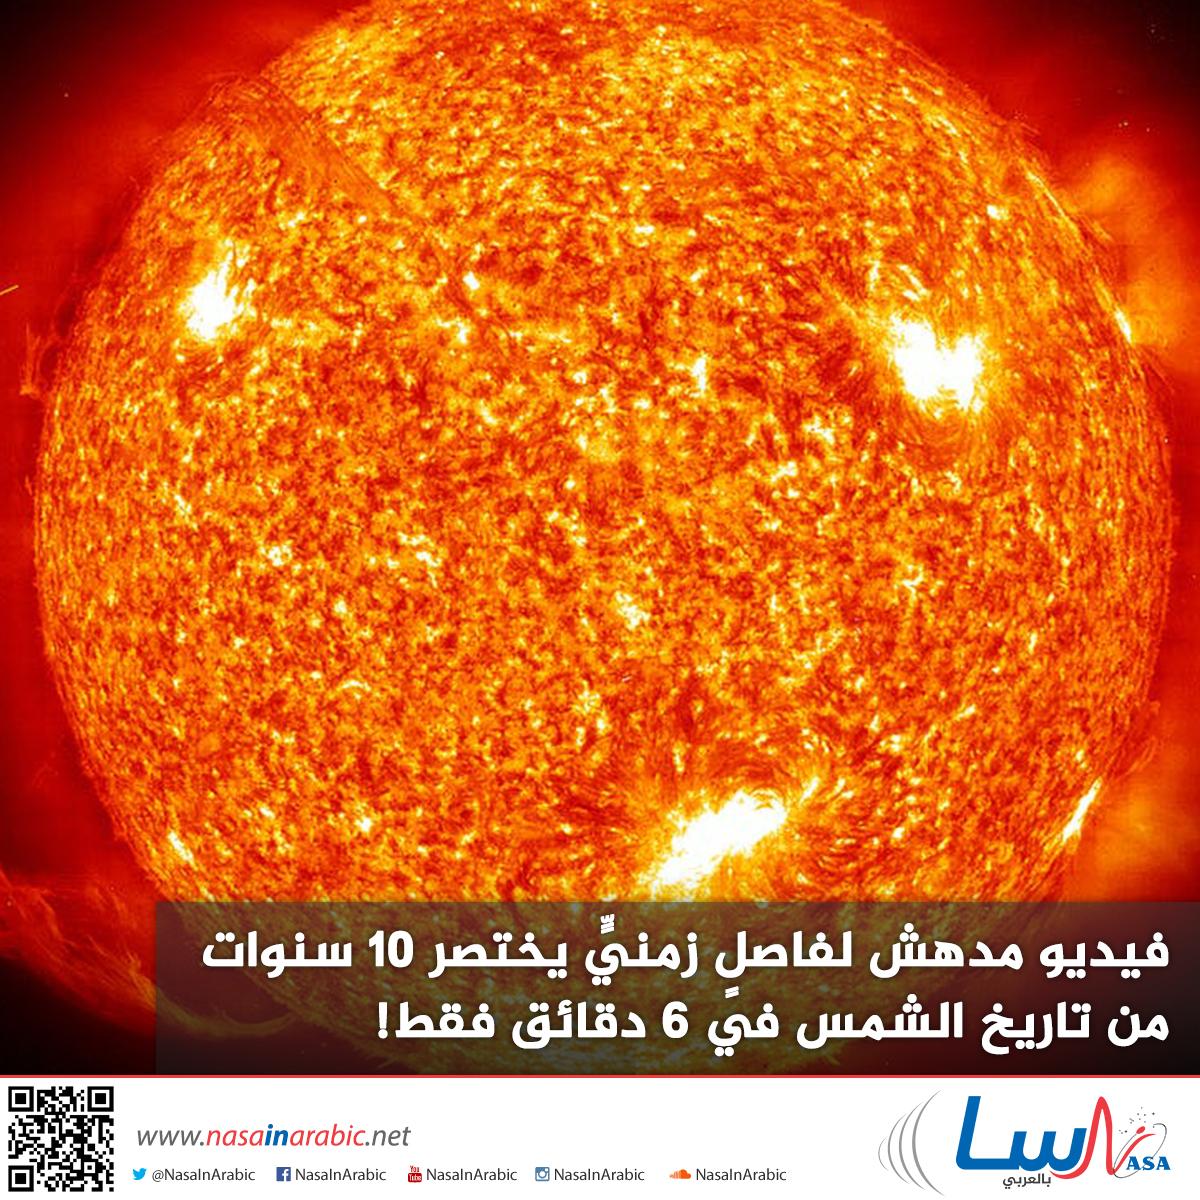 فيديو مدهش لفاصلٍ زمنيٍّ يختصر 10 سنوات من تاريخ الشمس في 6 دقائق فقط!